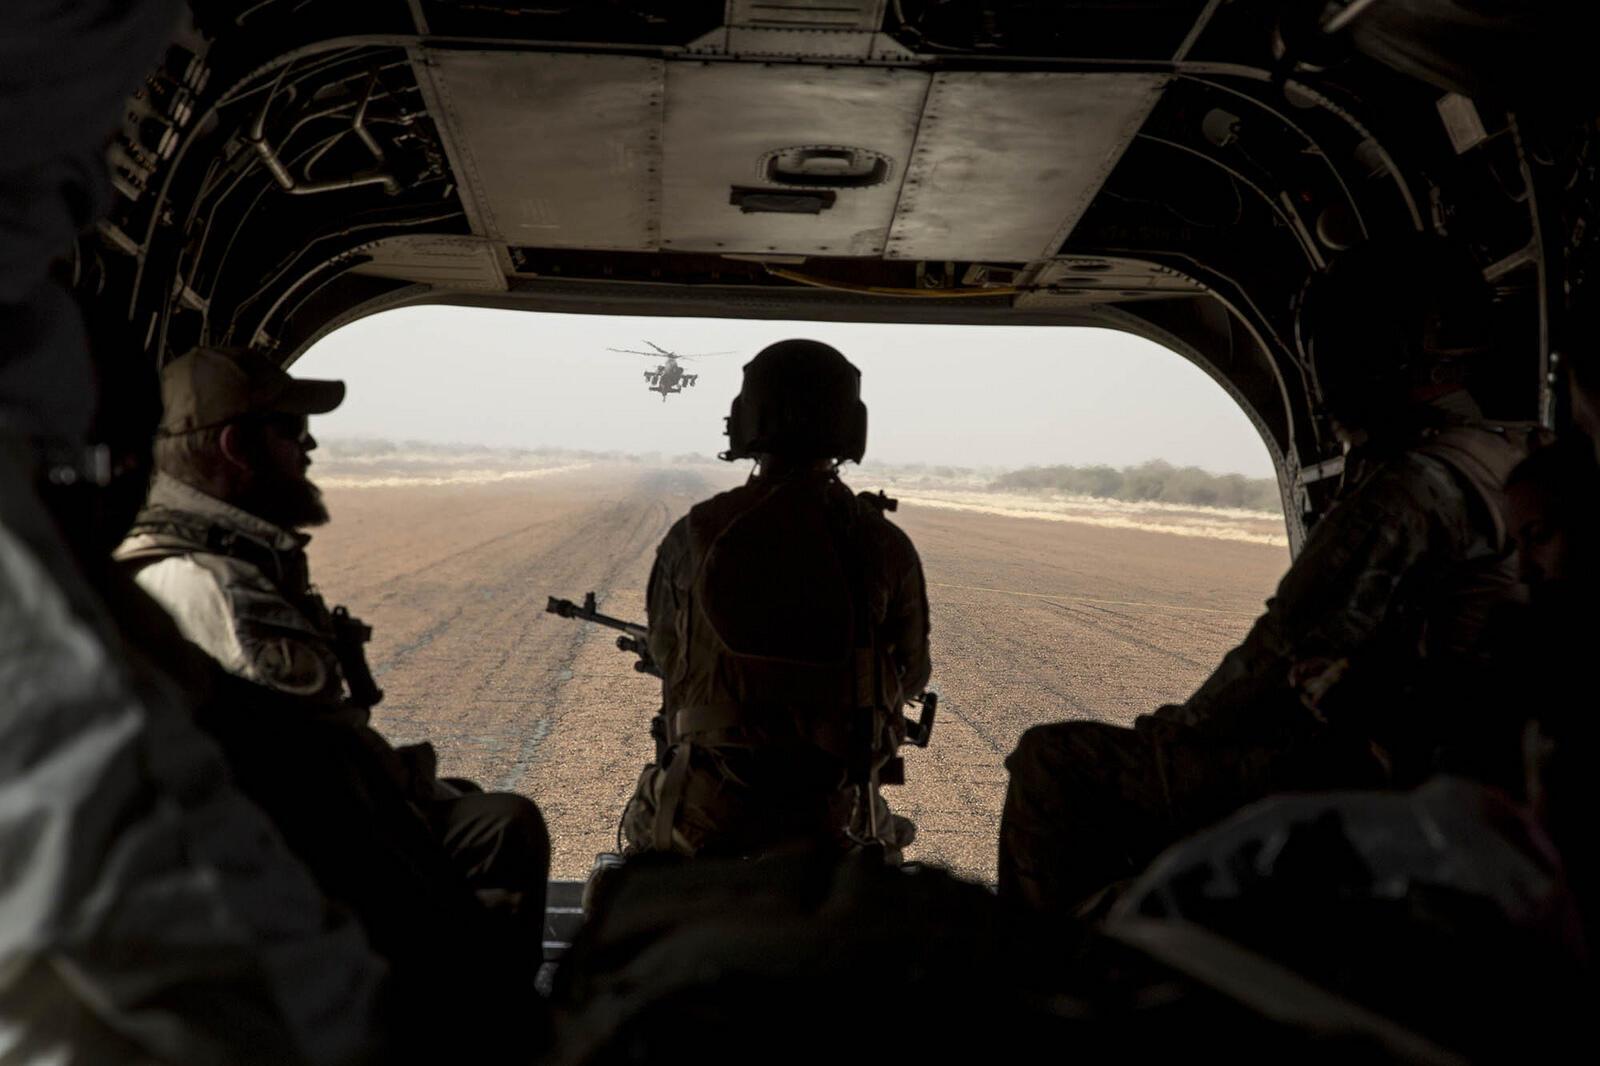 Mission de la Minusma dans le nord du Mali